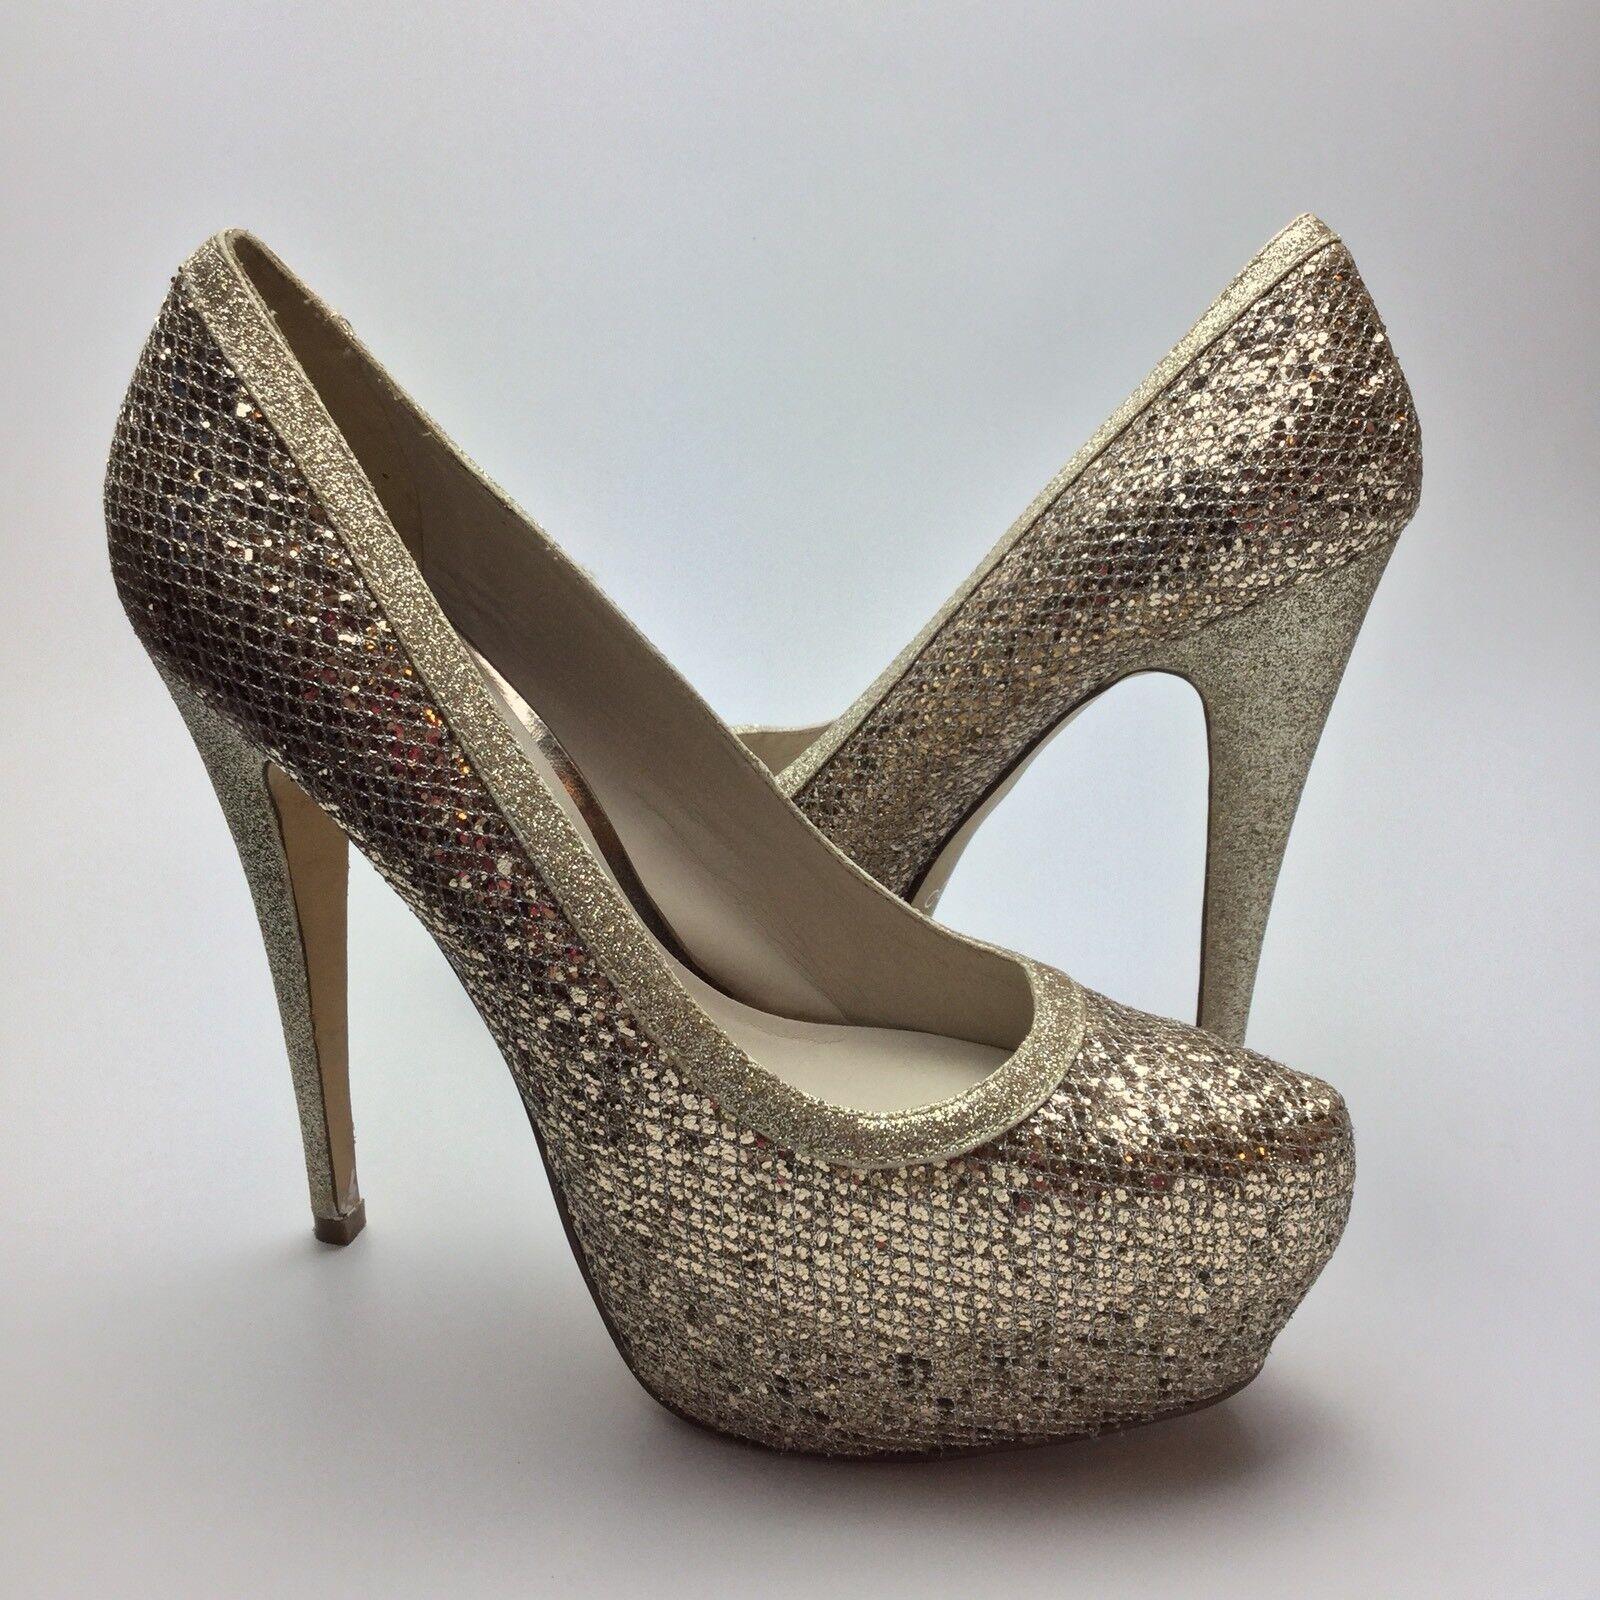 Aldo Platform Pumps Größe 9 Gold Glitter Sparkle Almond Toe High Heel Stilettos